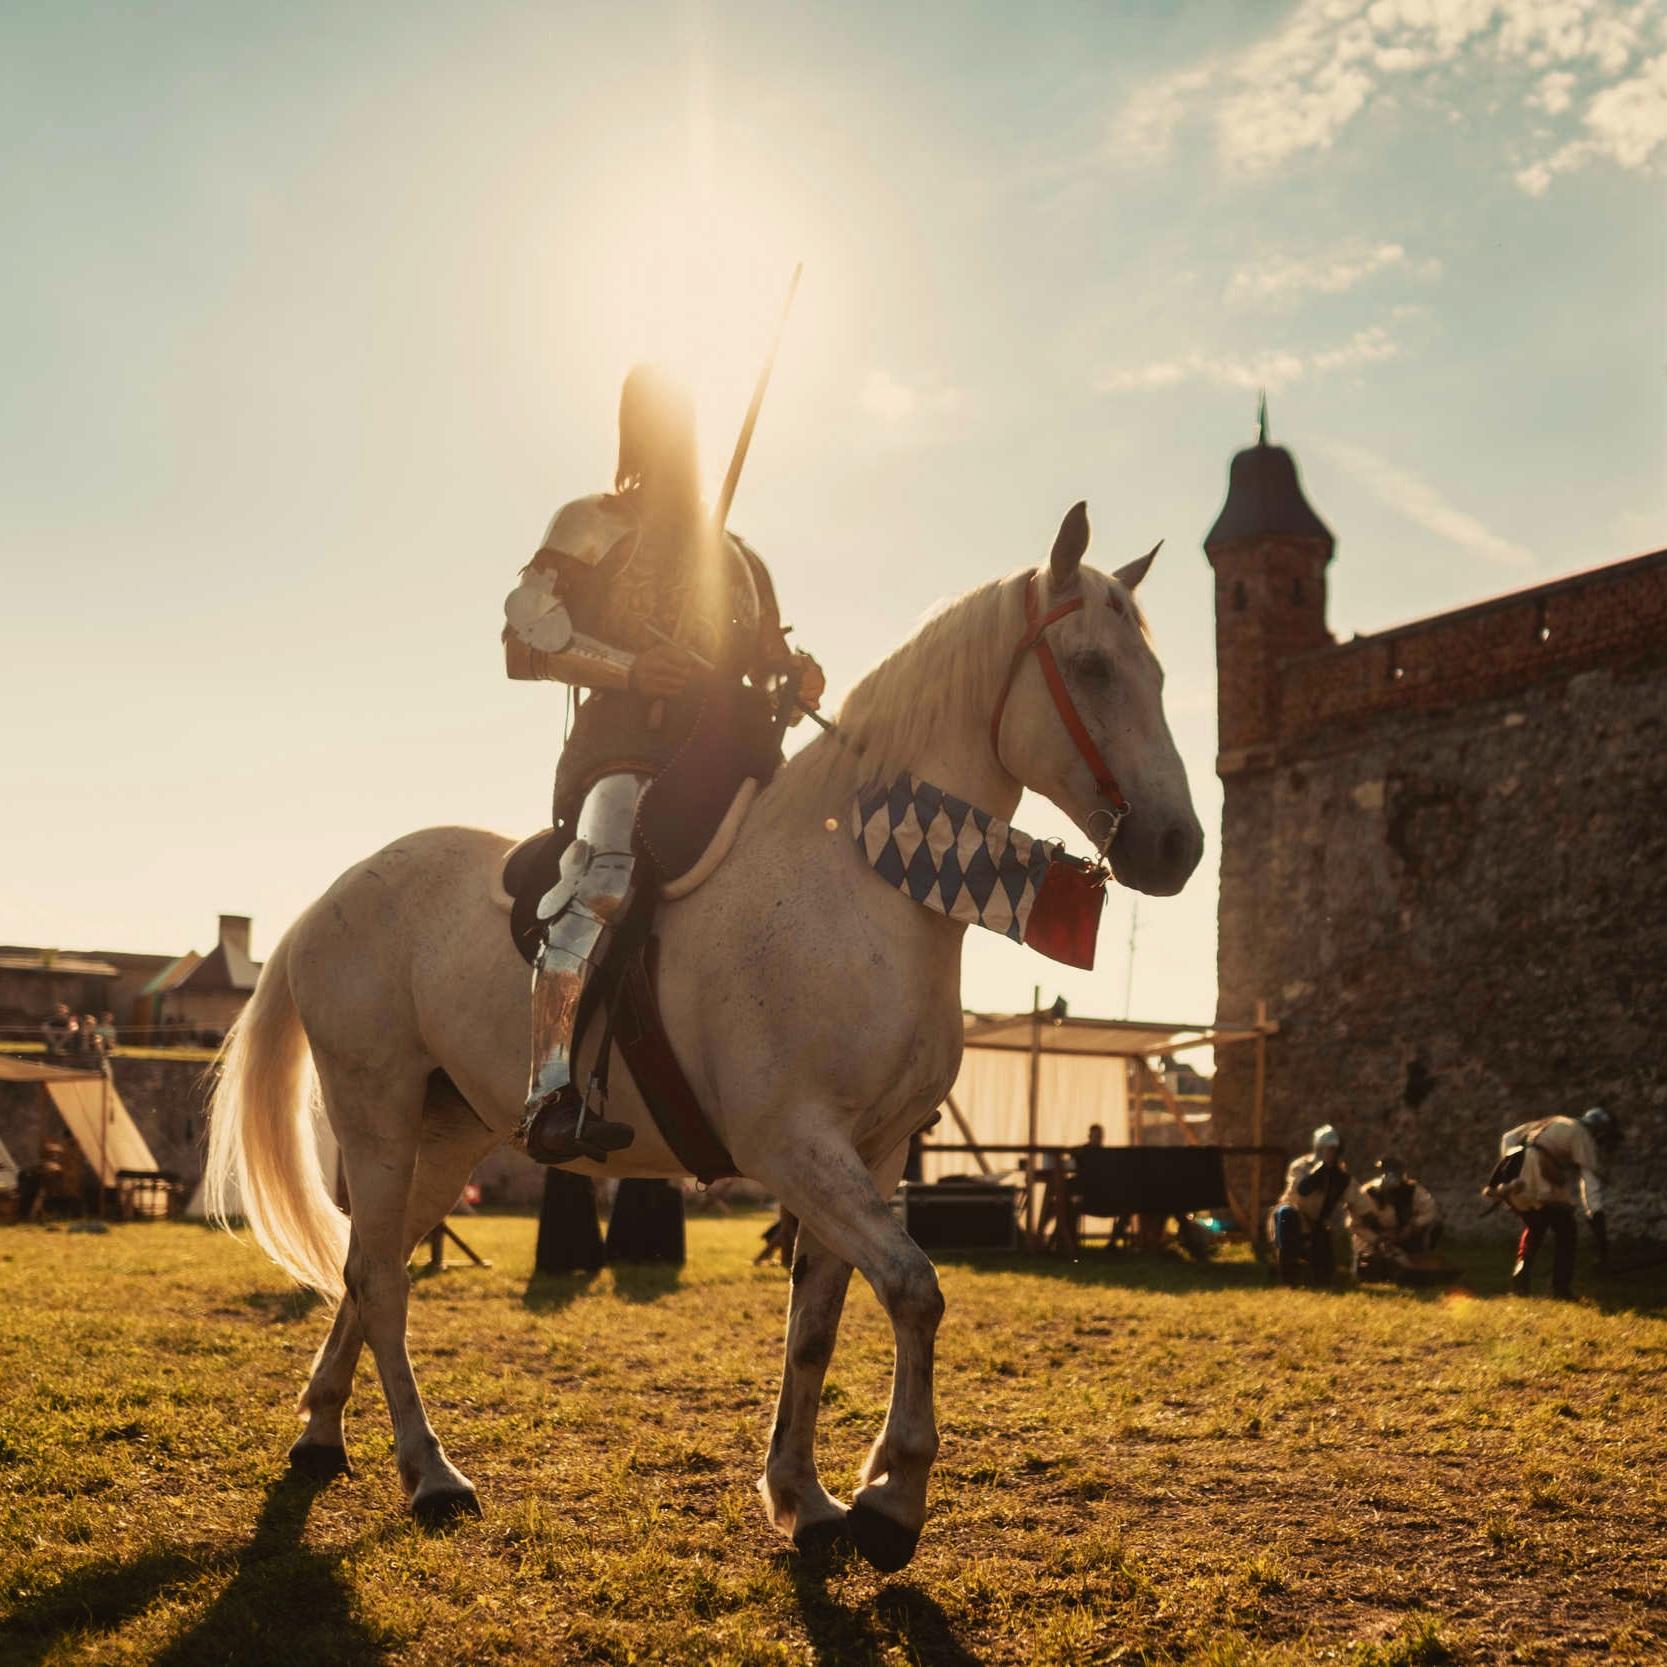 Vystúpenia s koňmi - Kone sú našou veľkou pýchou. Zažite famózny rytiersky turnaj na koňoch, dobový sprievod s kráľovskou jazdou a ďalšie.